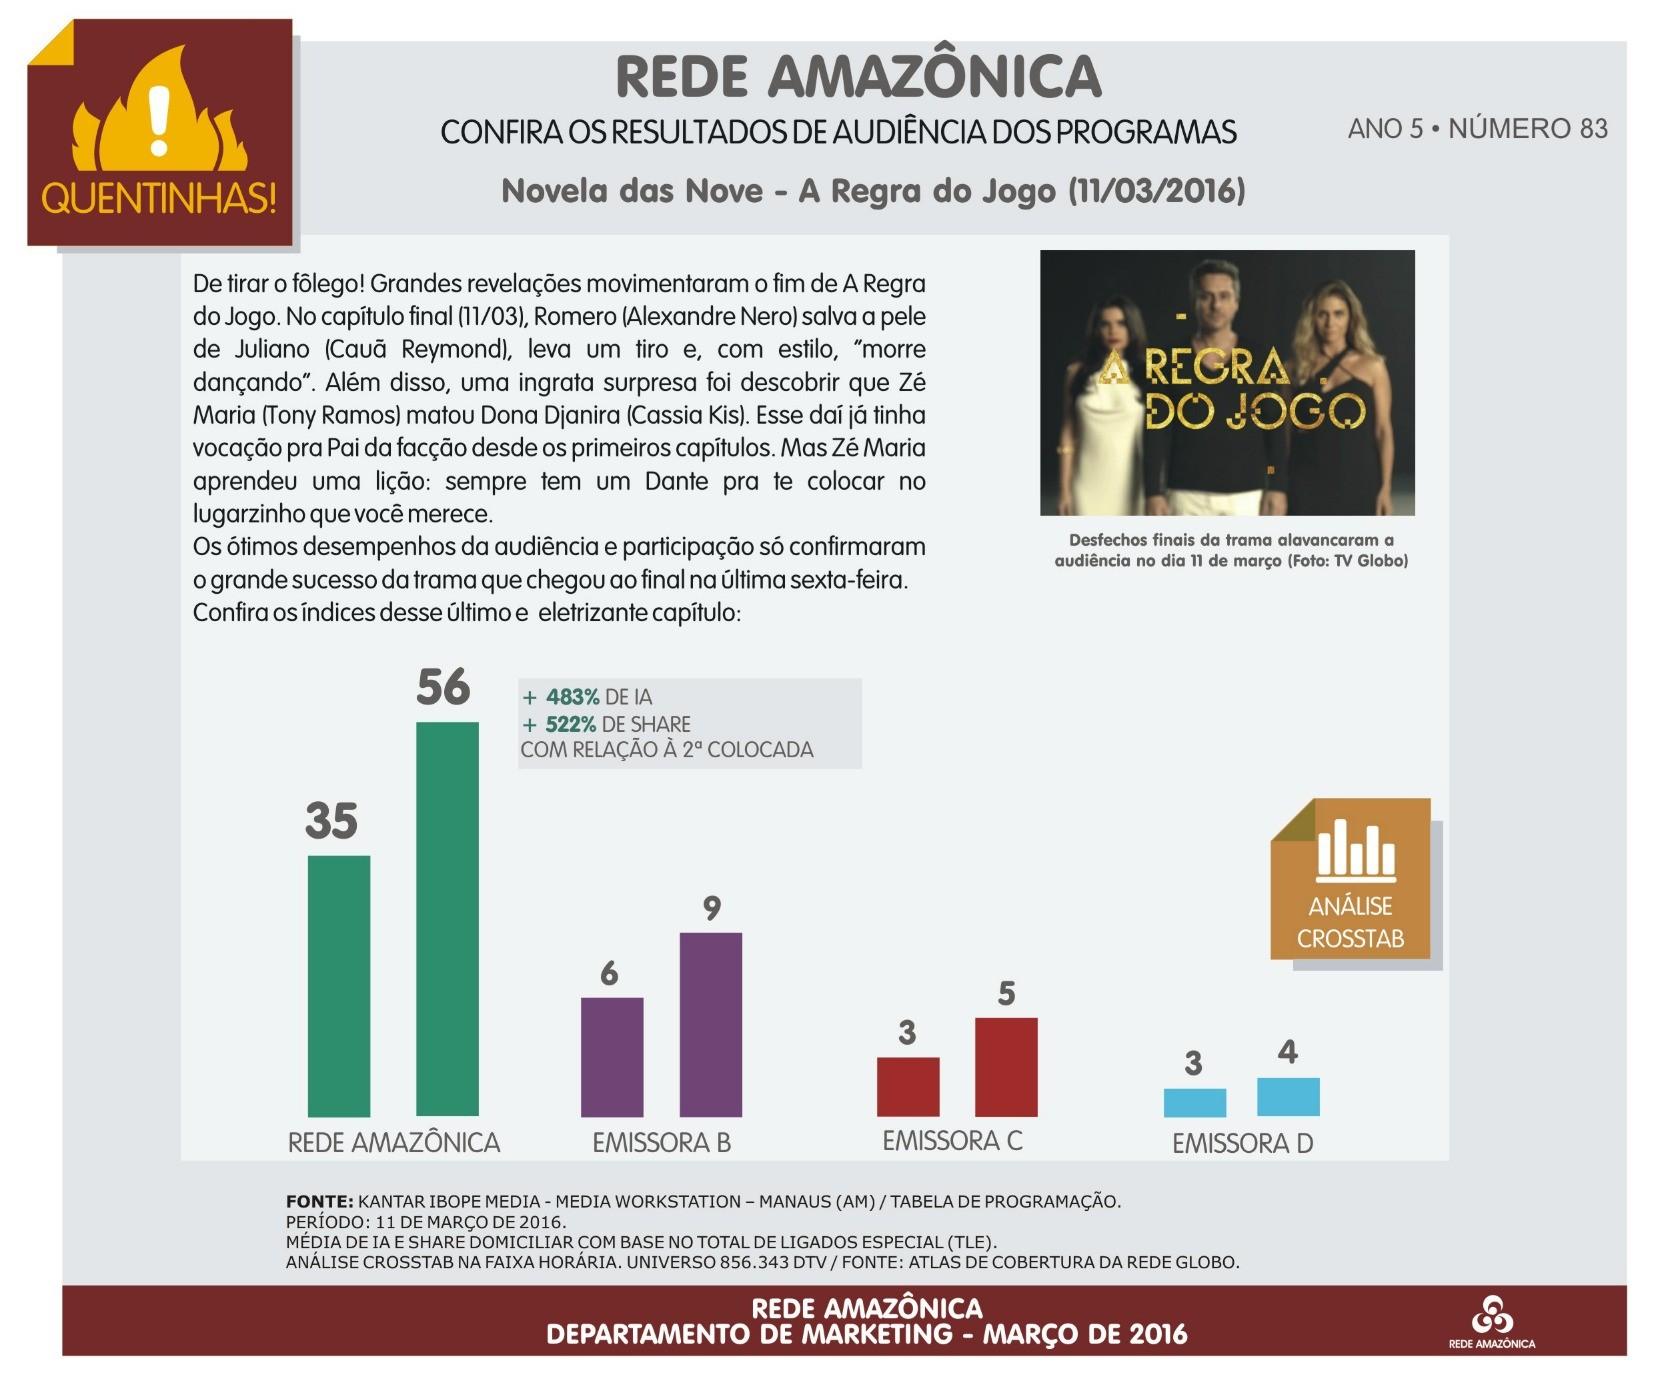 Rede Amazônica: confira a audiência da novela A Regra do Jogo (Foto: Marketing/Rede Amazônica)